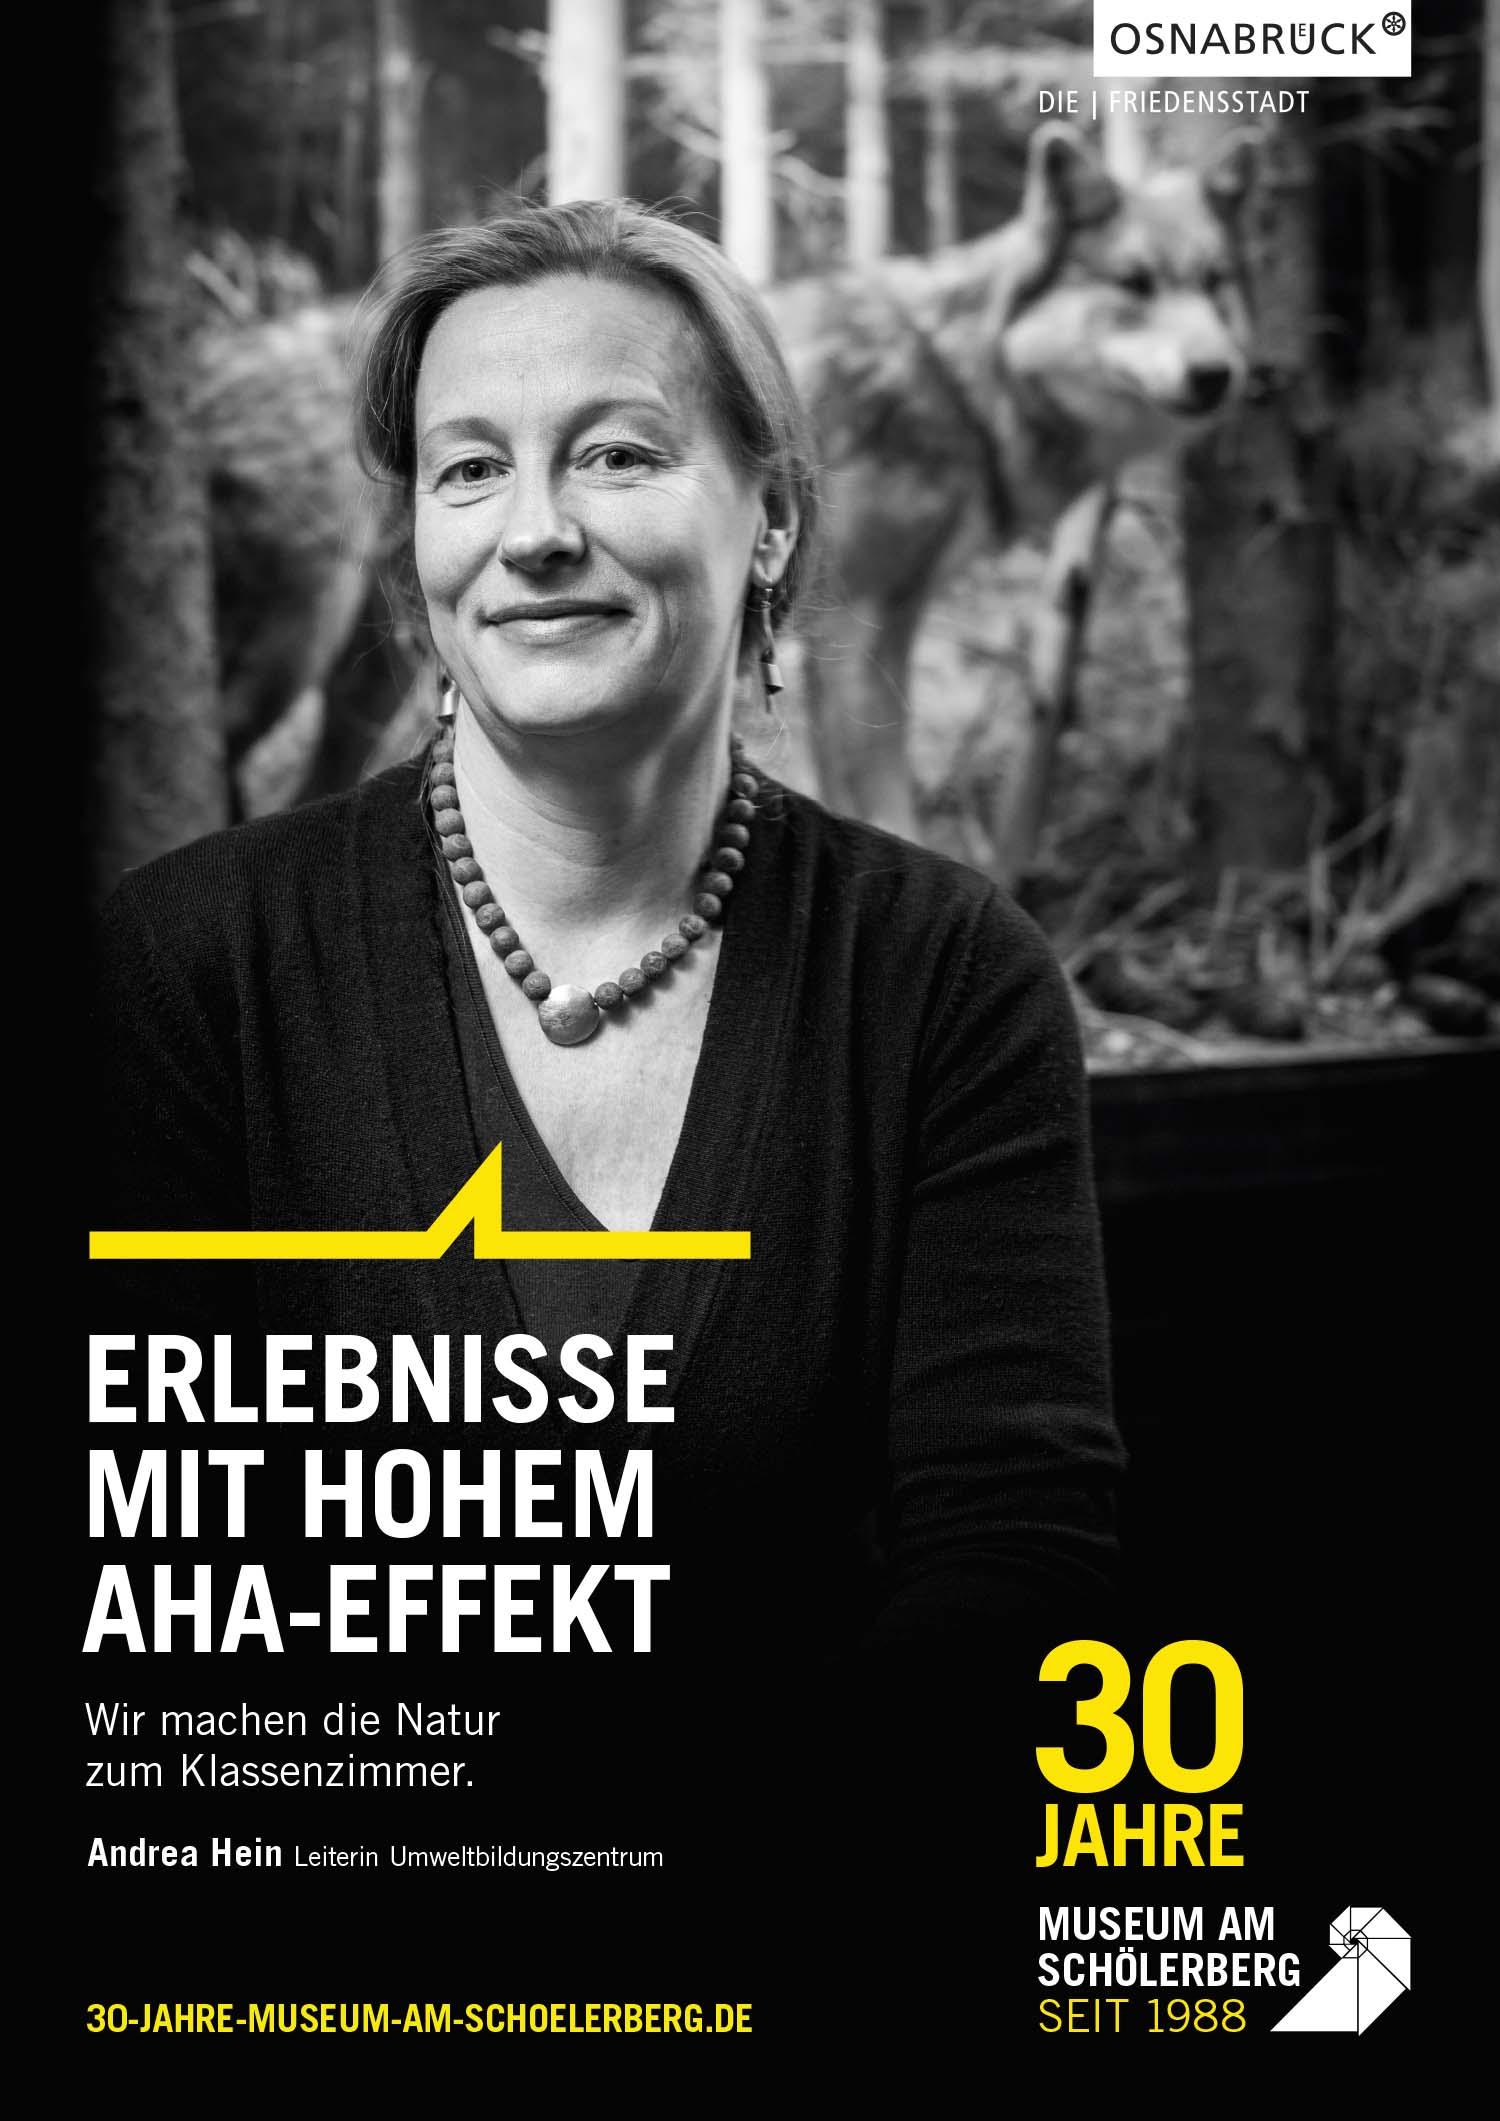 Andrea Hein vom Museum am Schölerberg. Sie leitet das Umweltbildungszentrum.